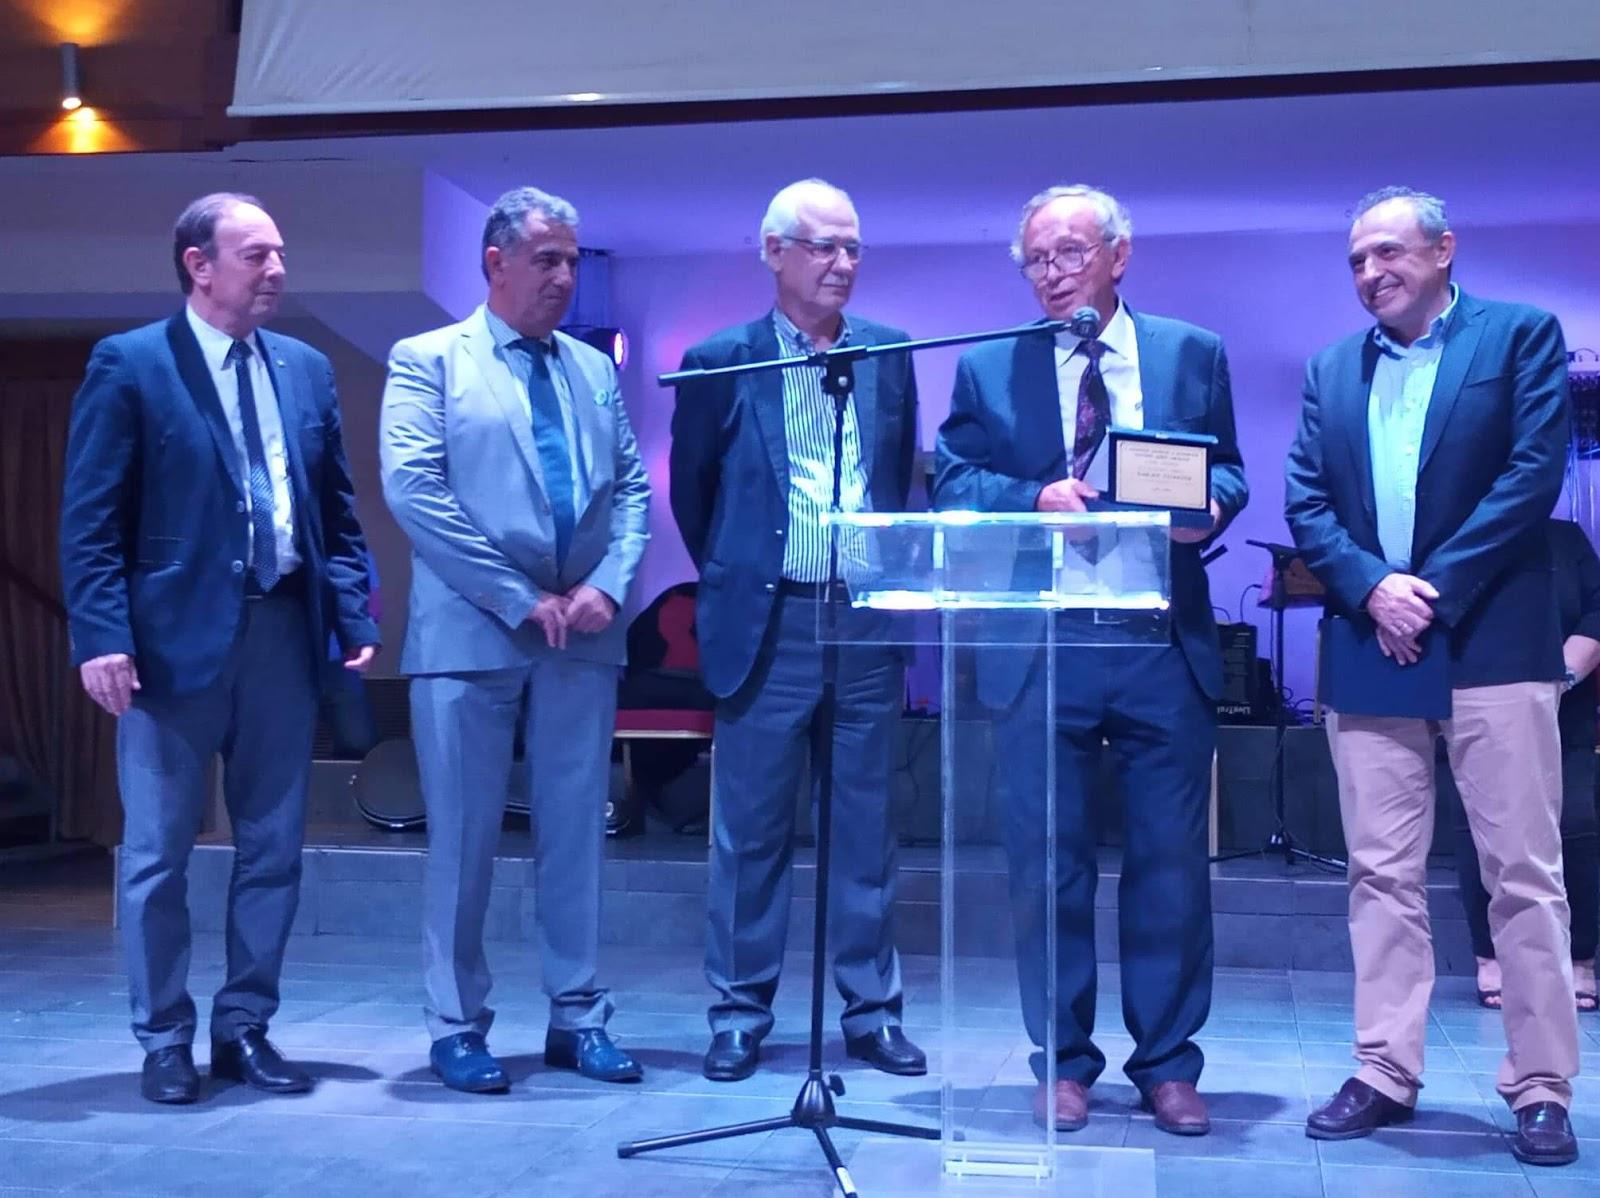 Εκδήλωση του Δήμου Λαρισαίων (ΚΑΠΗ) για την Ημερά των Ηλικιωμένων